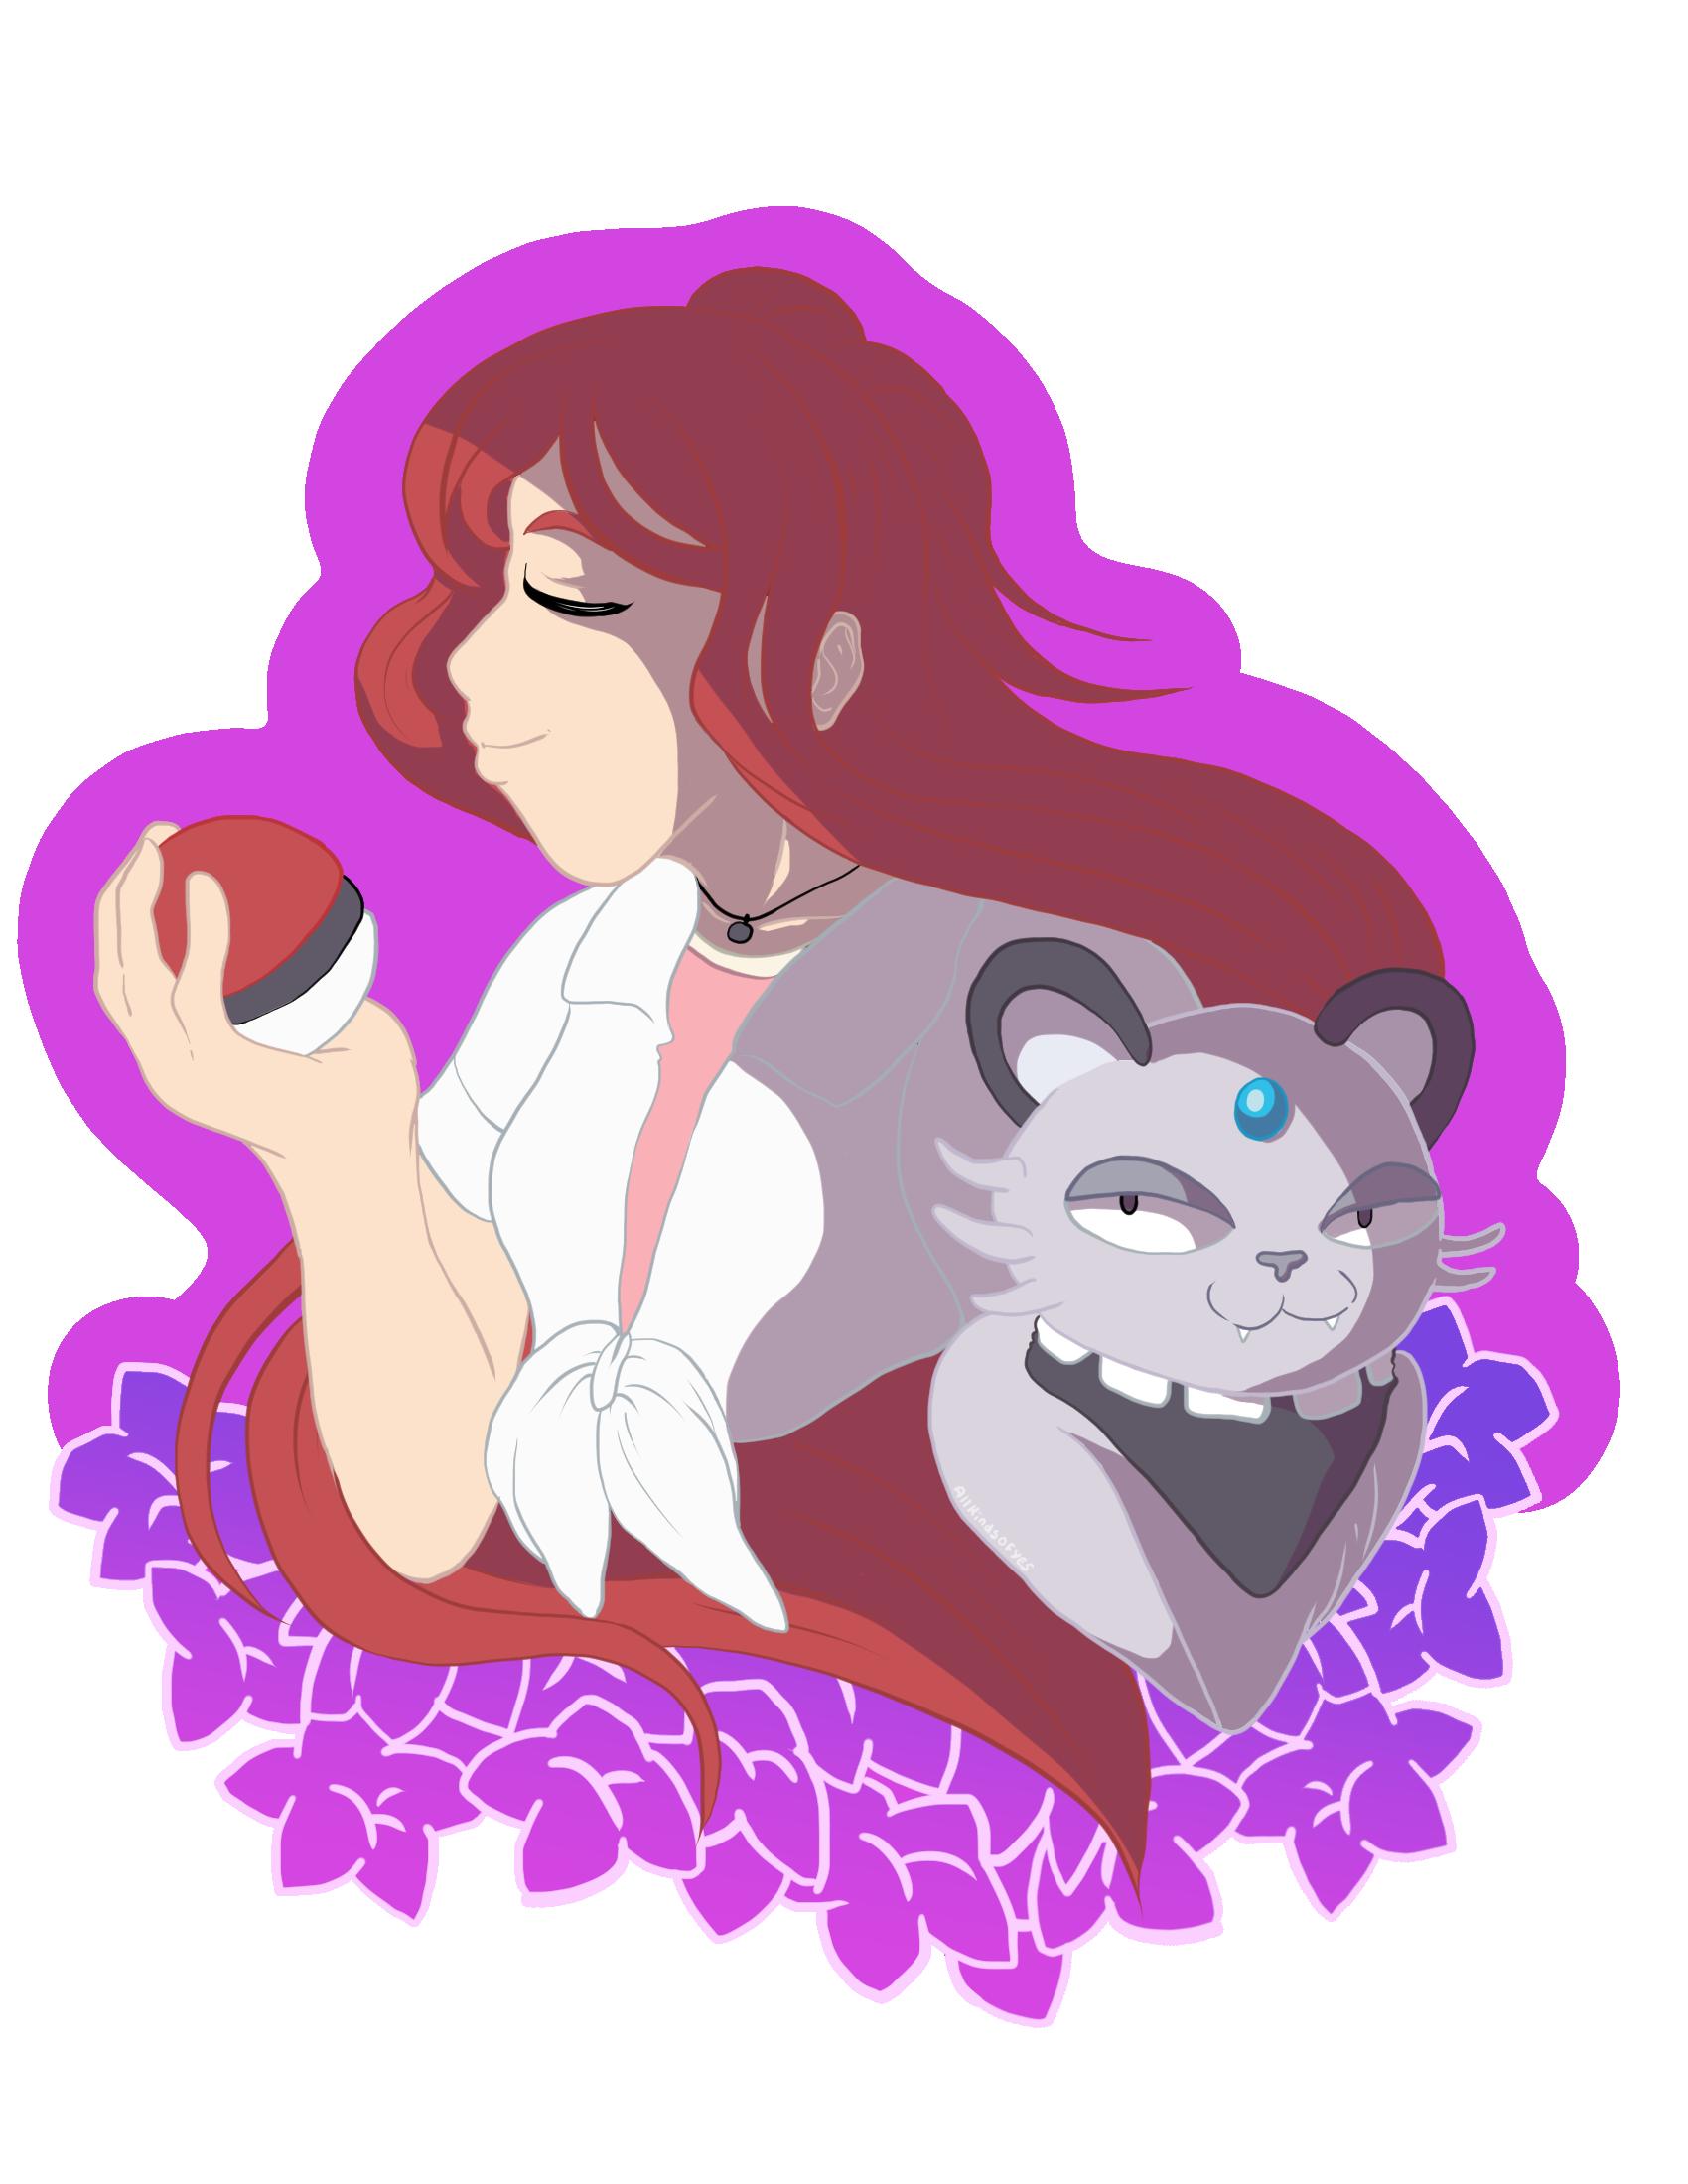 WW - Kumiko and Bijou